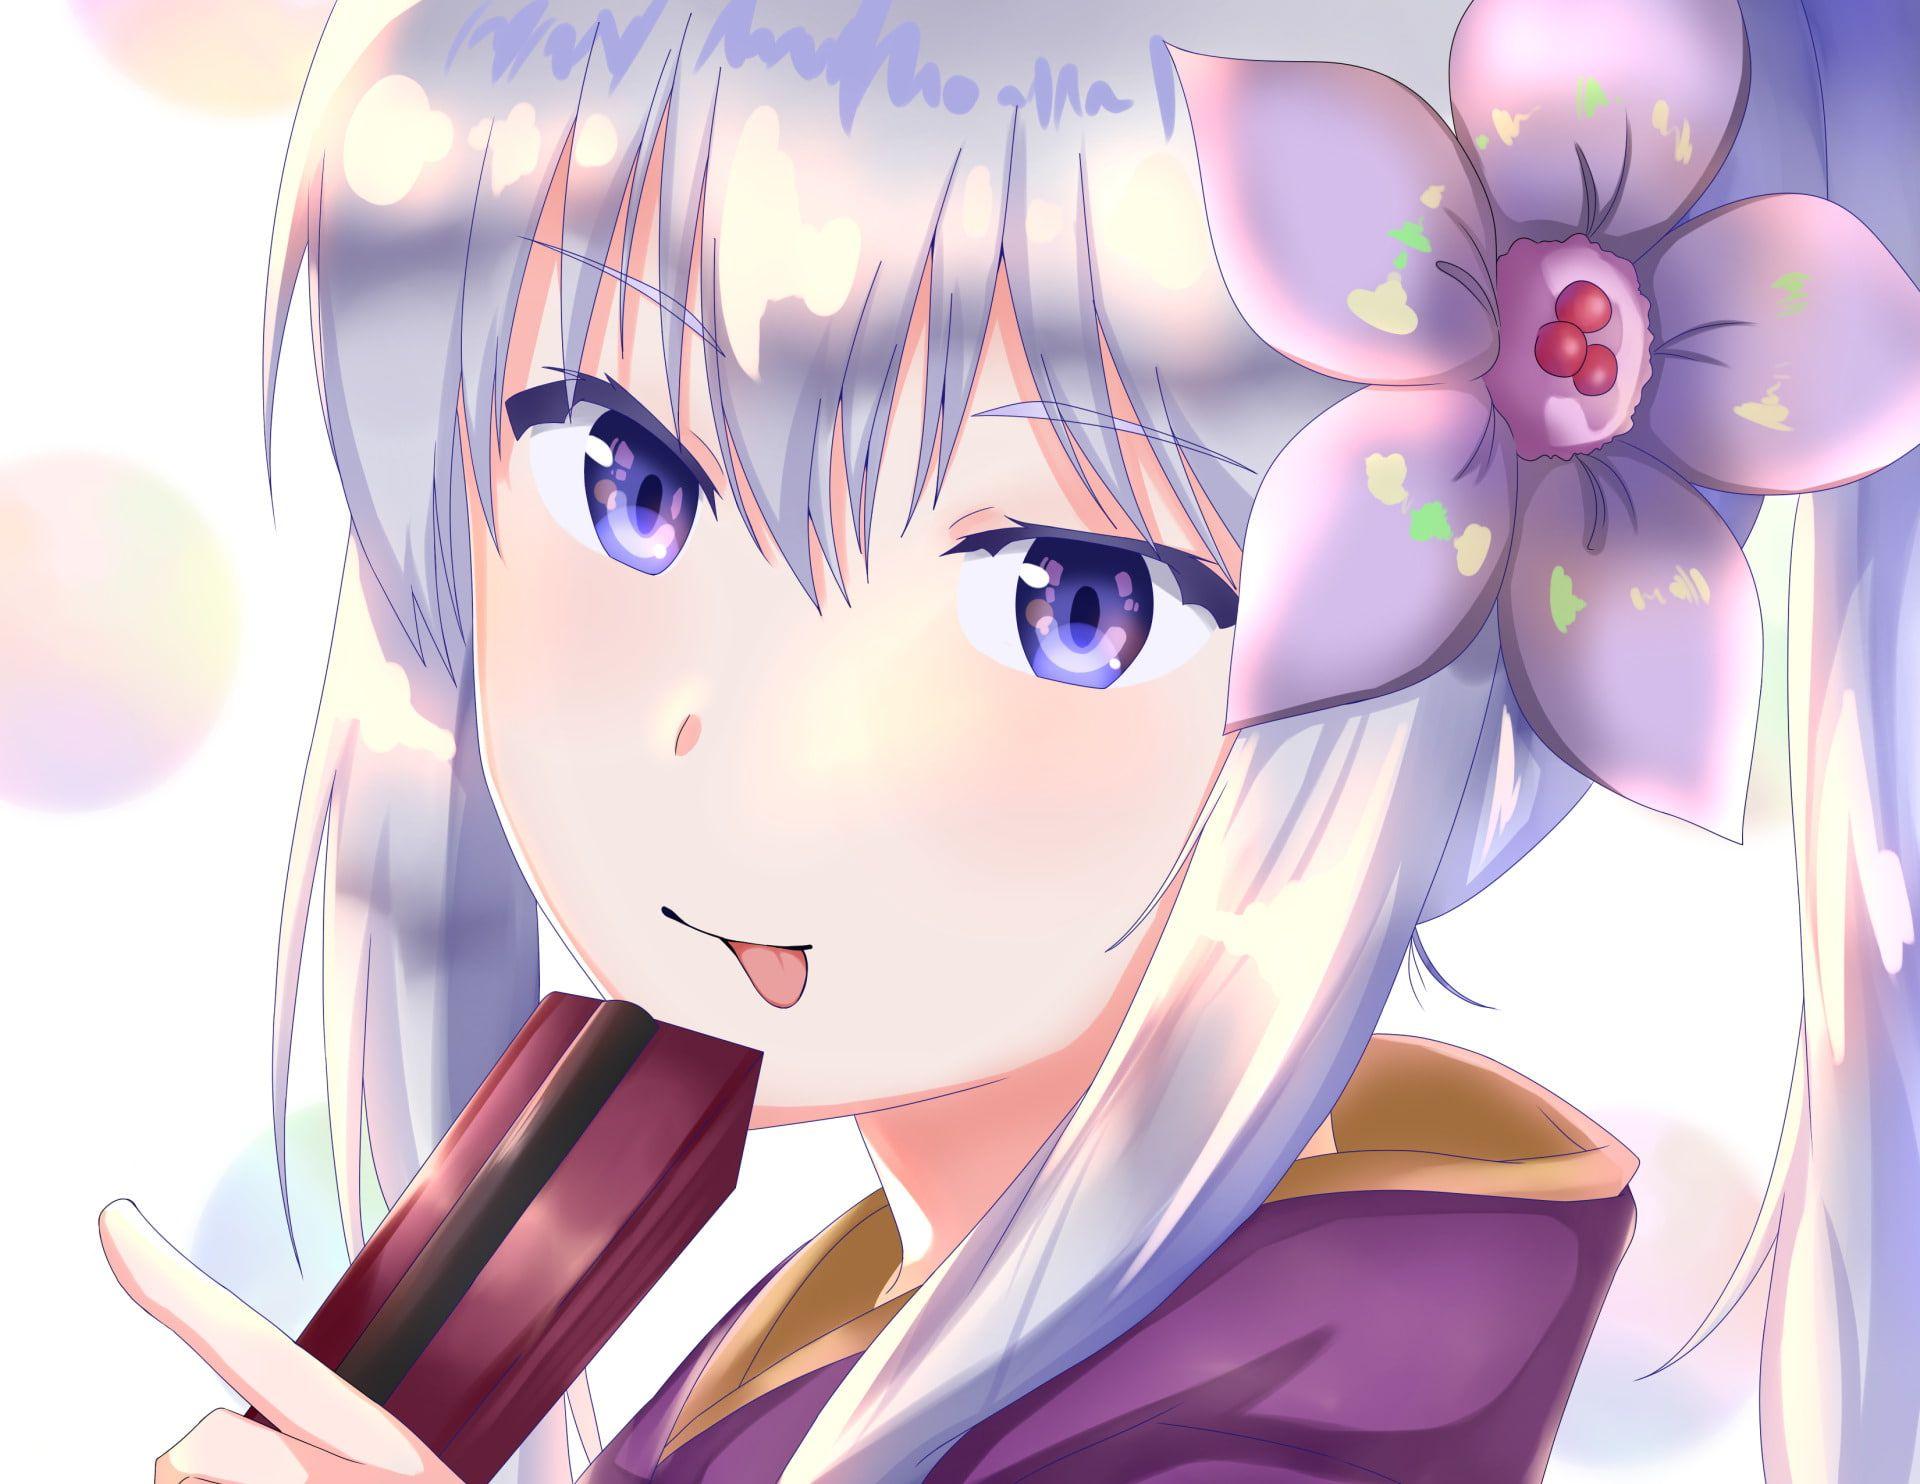 Anime Oreshura Masuzu Natsukawa 1080p Wallpaper Hdwallpaper Desktop Anime Wallpaper Backgrounds Otaku Art